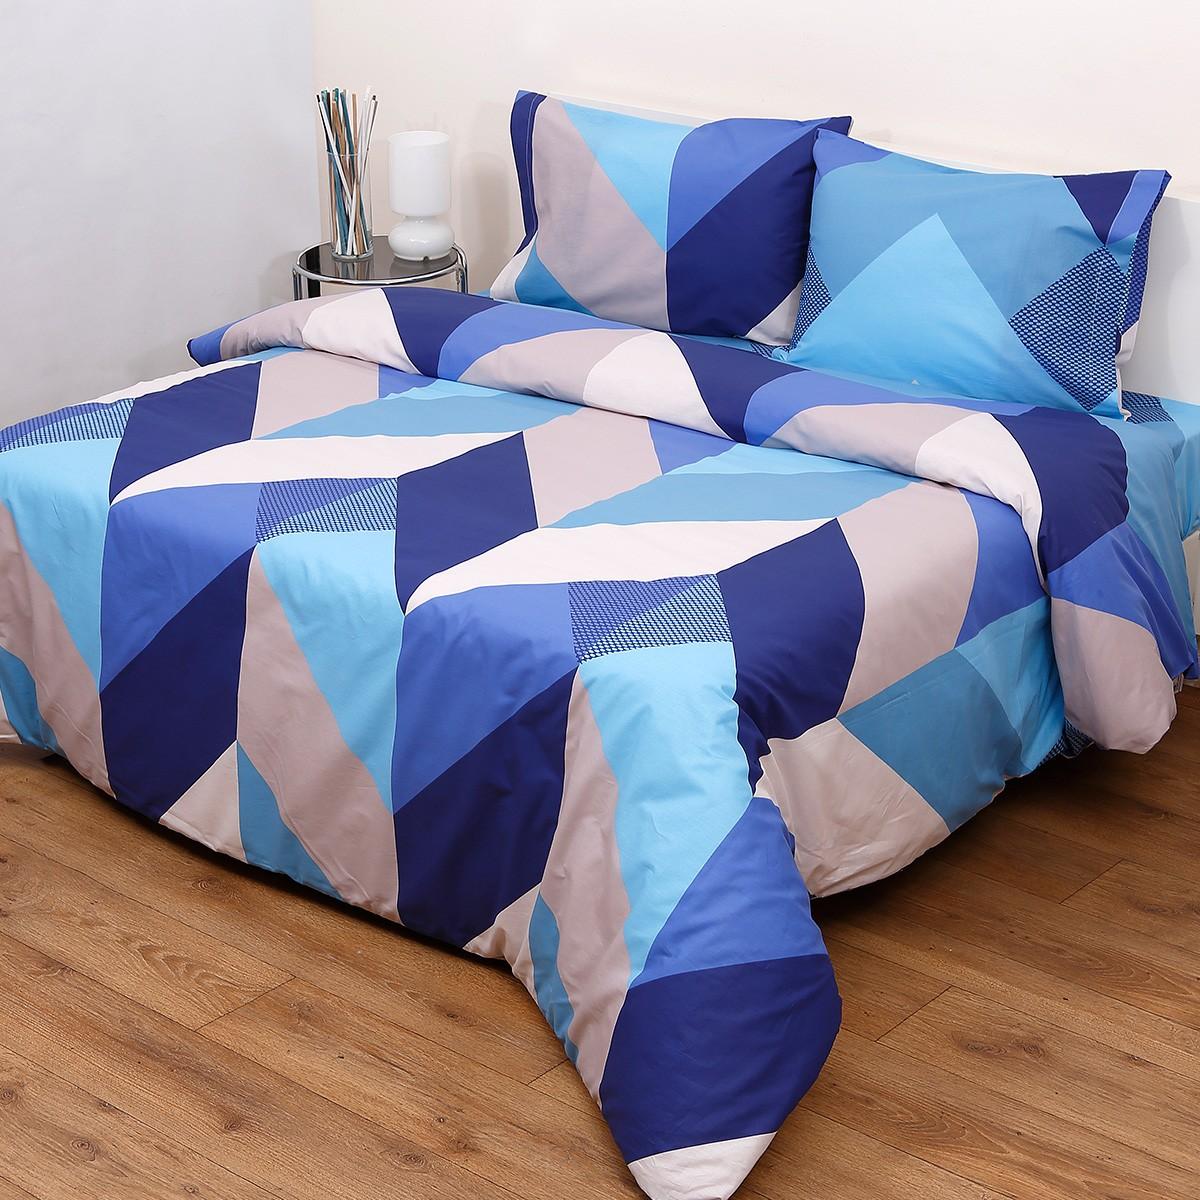 Σεντόνια King Size (Σετ) Viopros Fresh Ένζο Μπλε